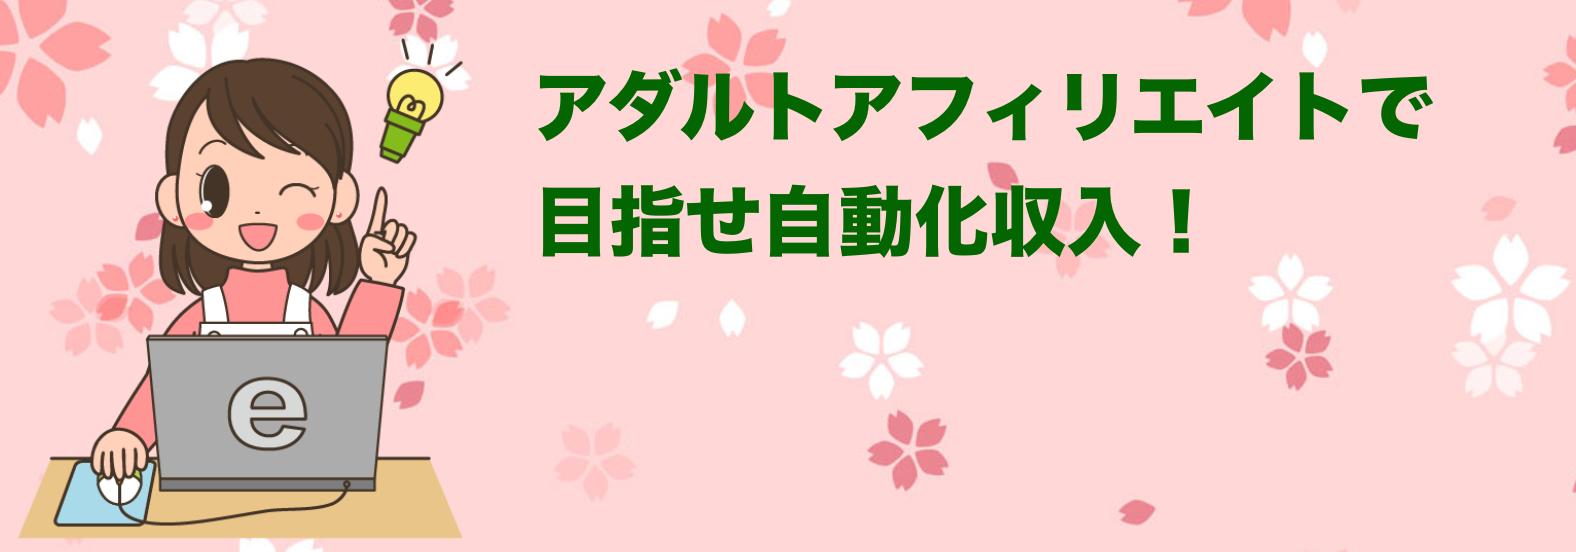 アダルトアフィリエイトの専門家『K』のブログ!